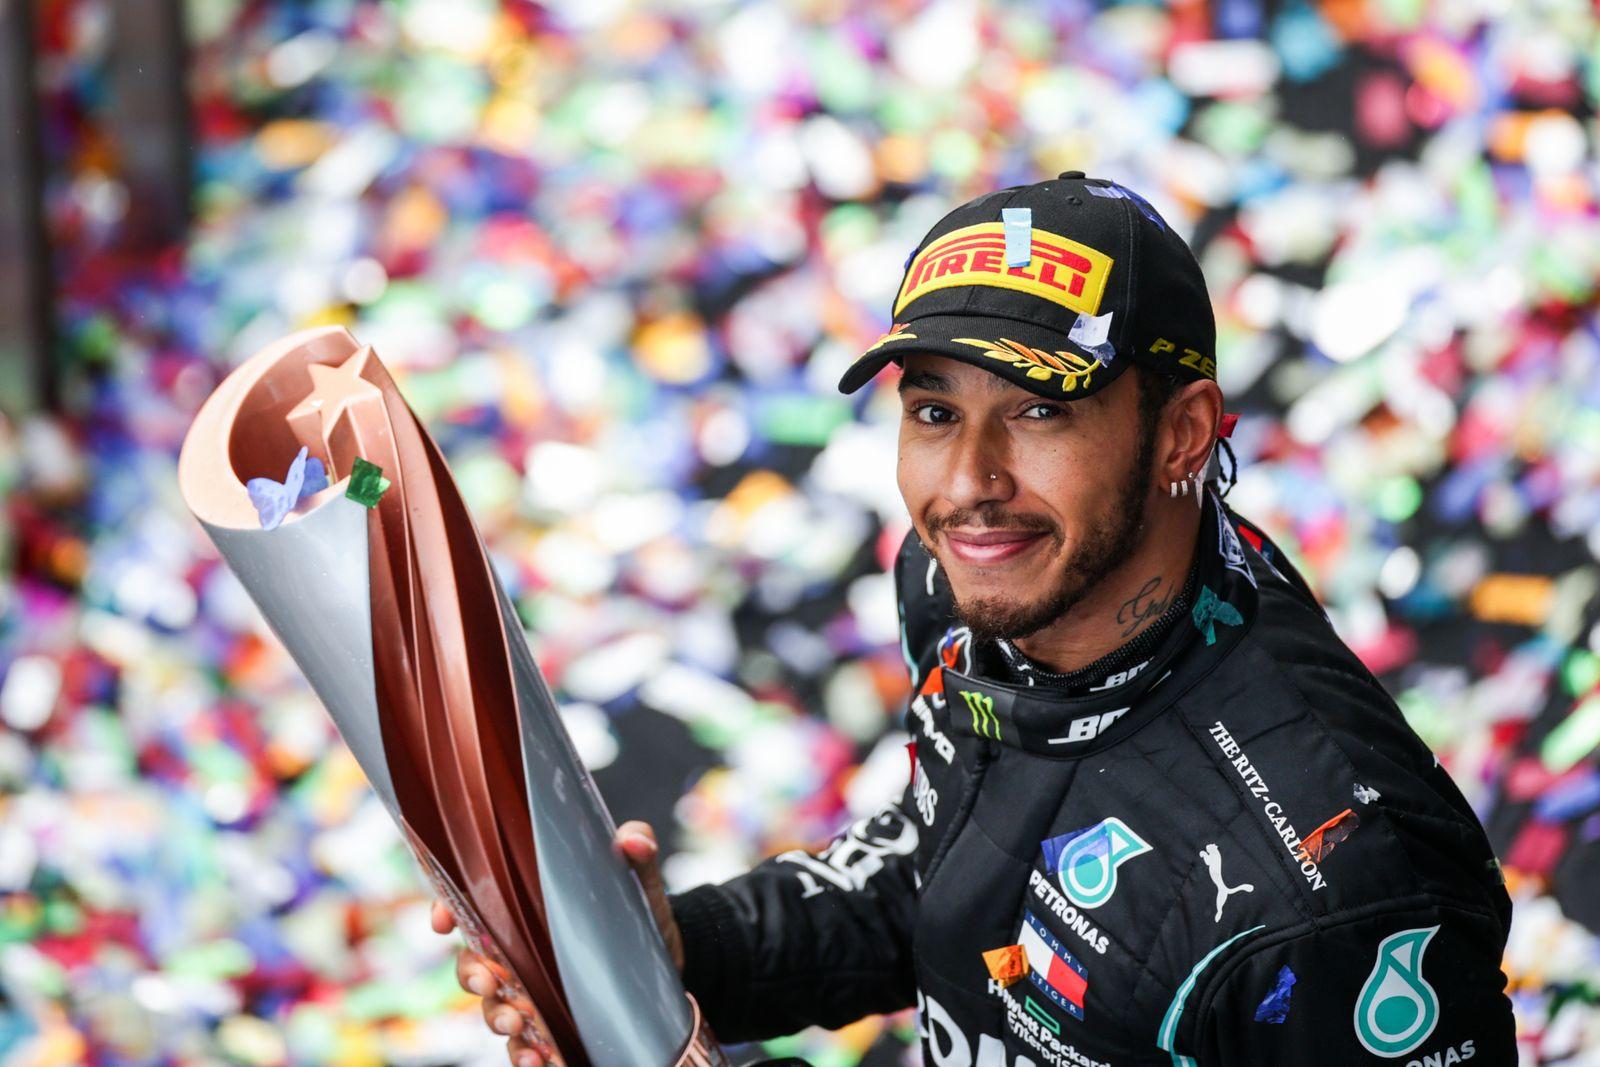 *** BESTPIX *** F1 Grand Prix of Turkey